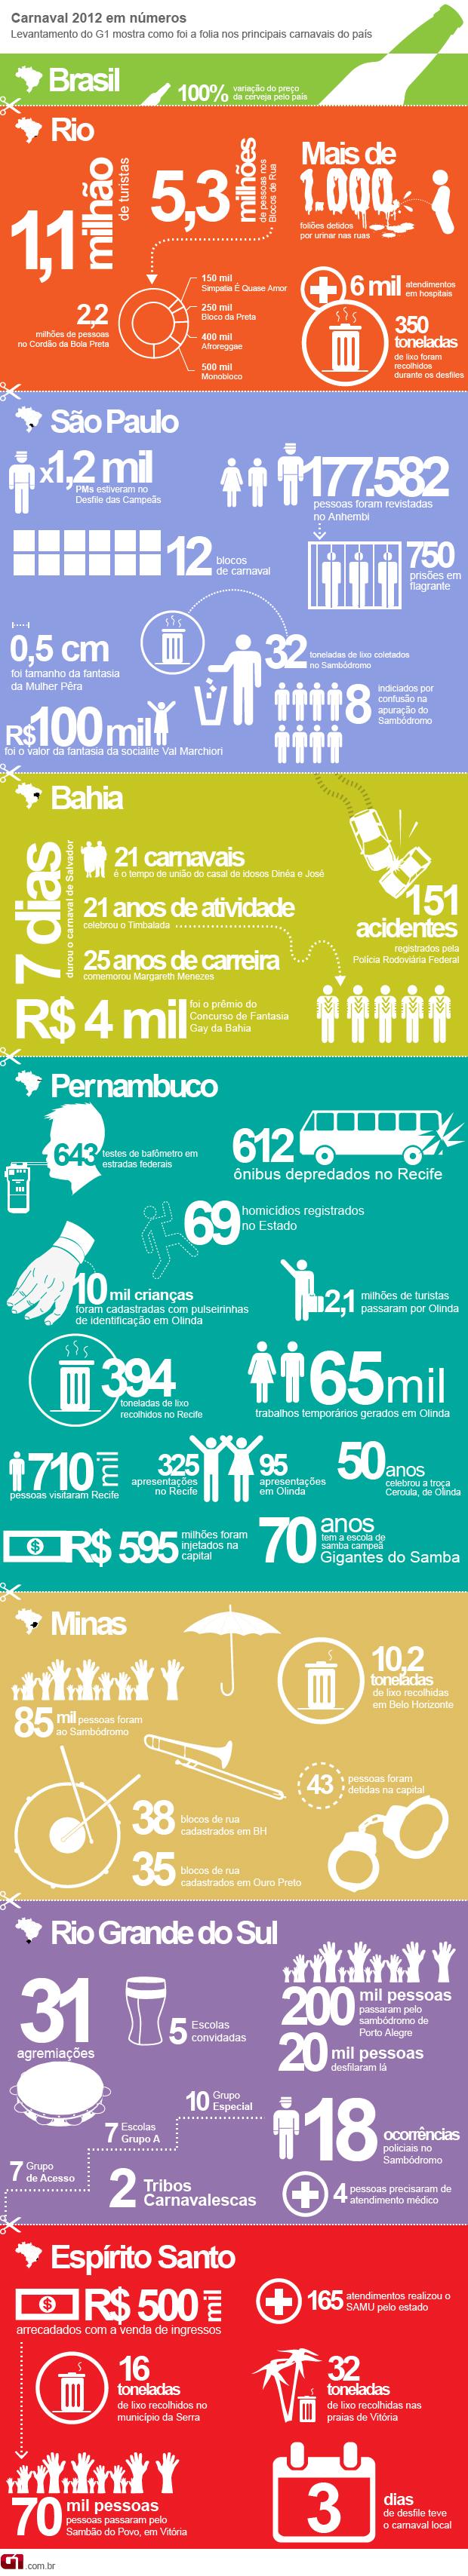 Carnaval 2012 em números (Foto: Arte G1)